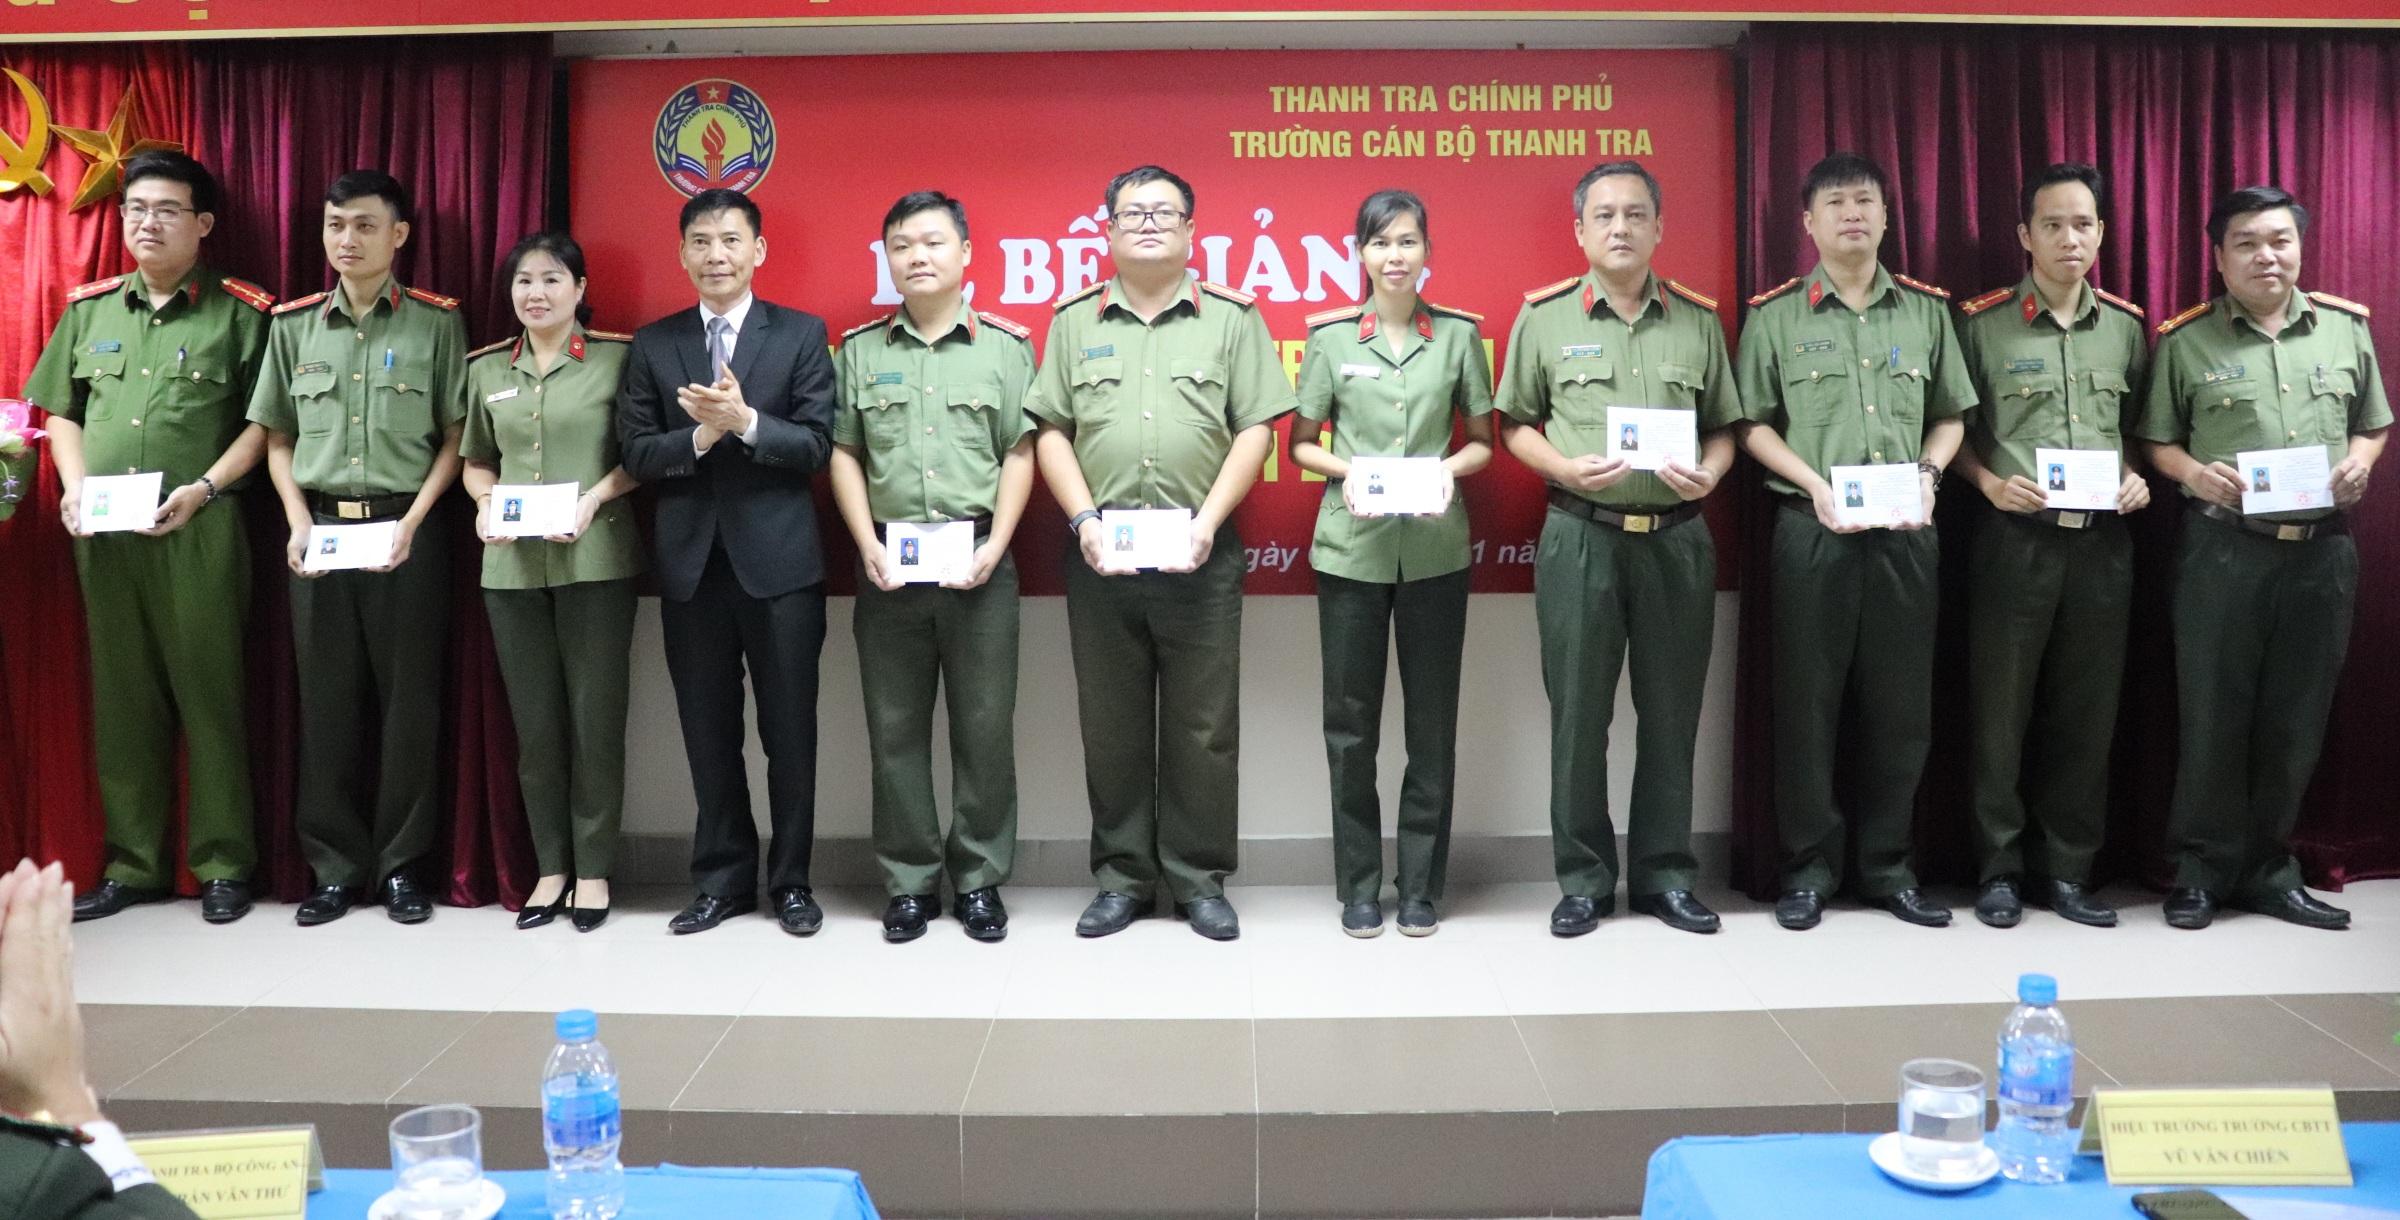 Ông Vũ Văn Chiến TTVCC HIệu trưởng Nhà trường trao chứng chỉ cho học viên